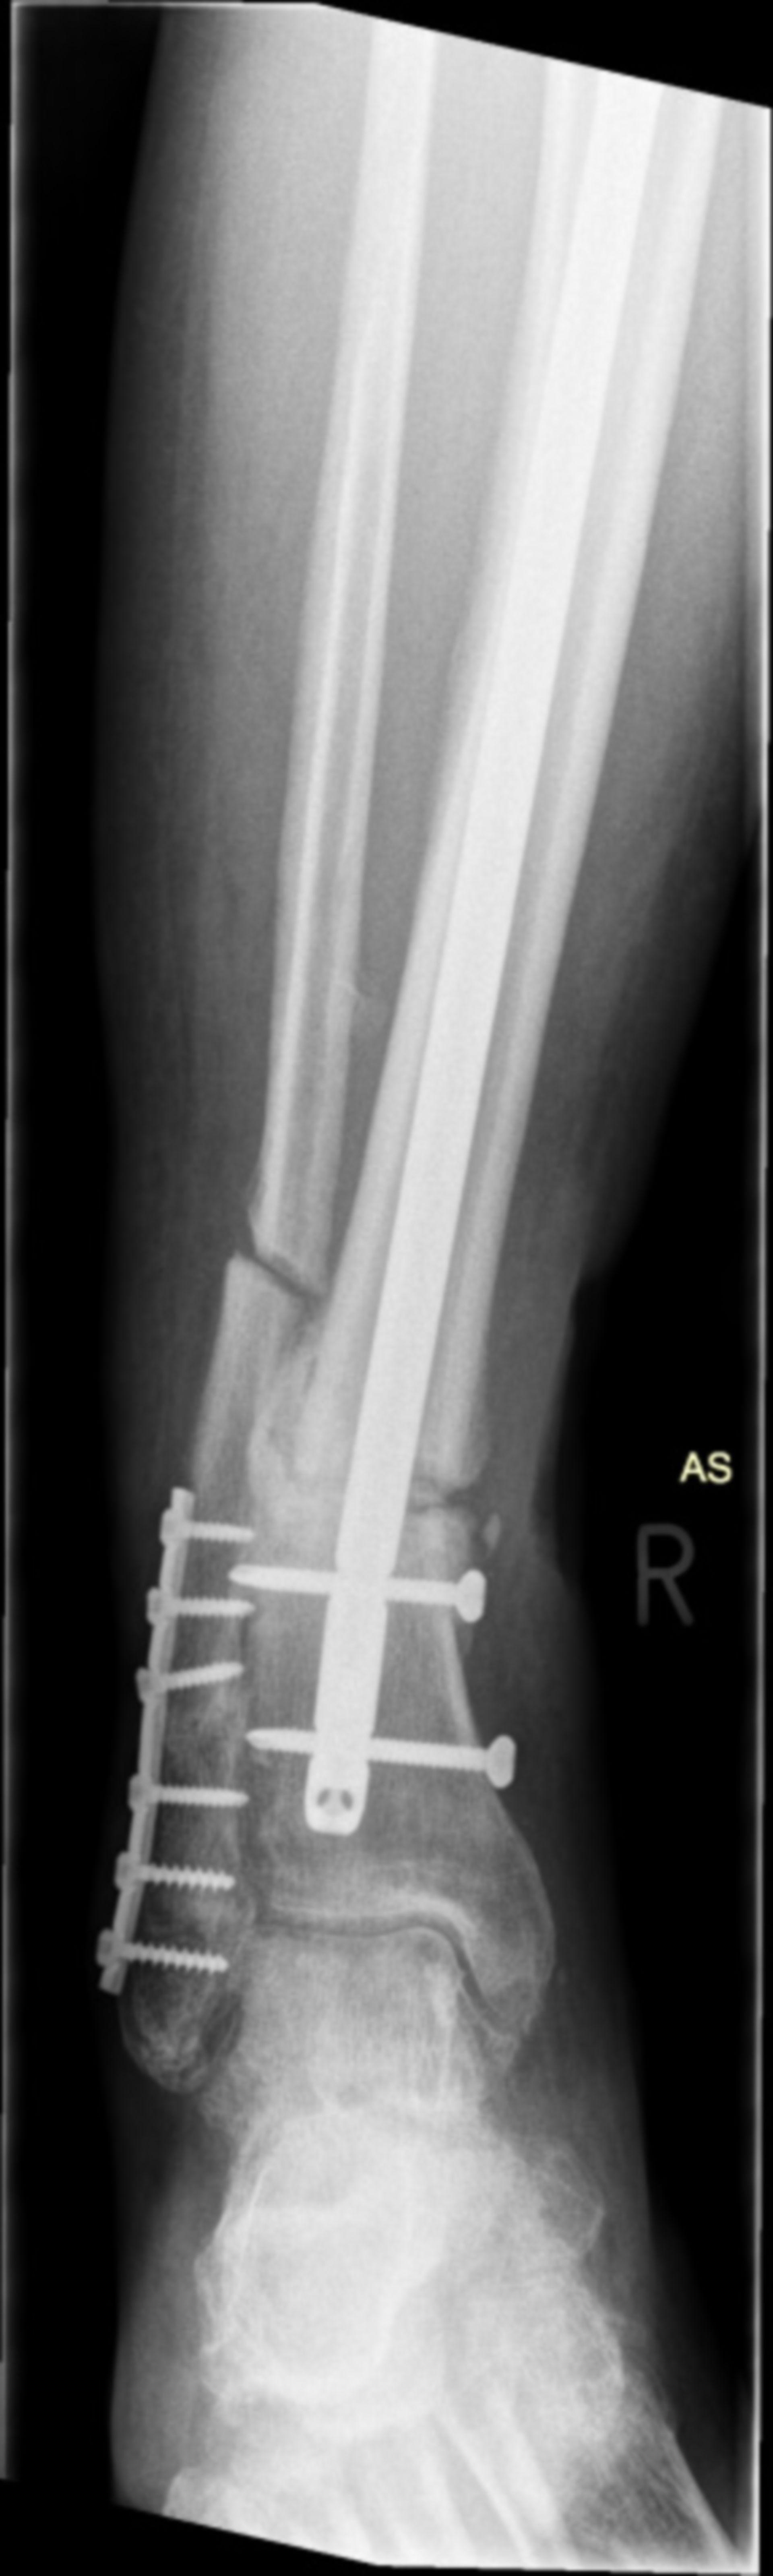 us_ap_31.08.15: Röntgen des Sprunggelenkes rechts